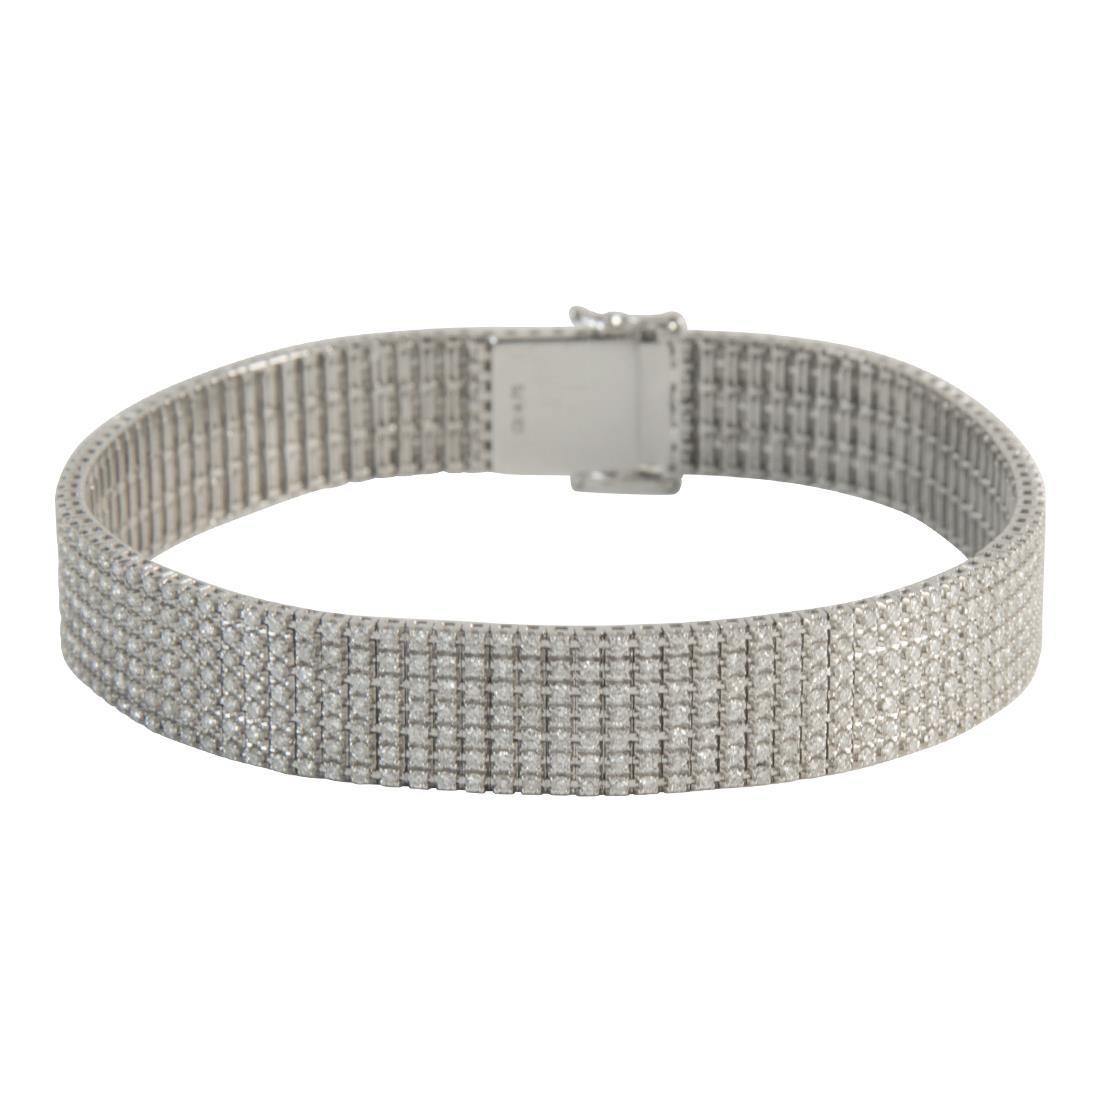 7964ffca76fc pulsera unito 7 filas en oro blanco con diamantes ct 4.75 med 18cm ...